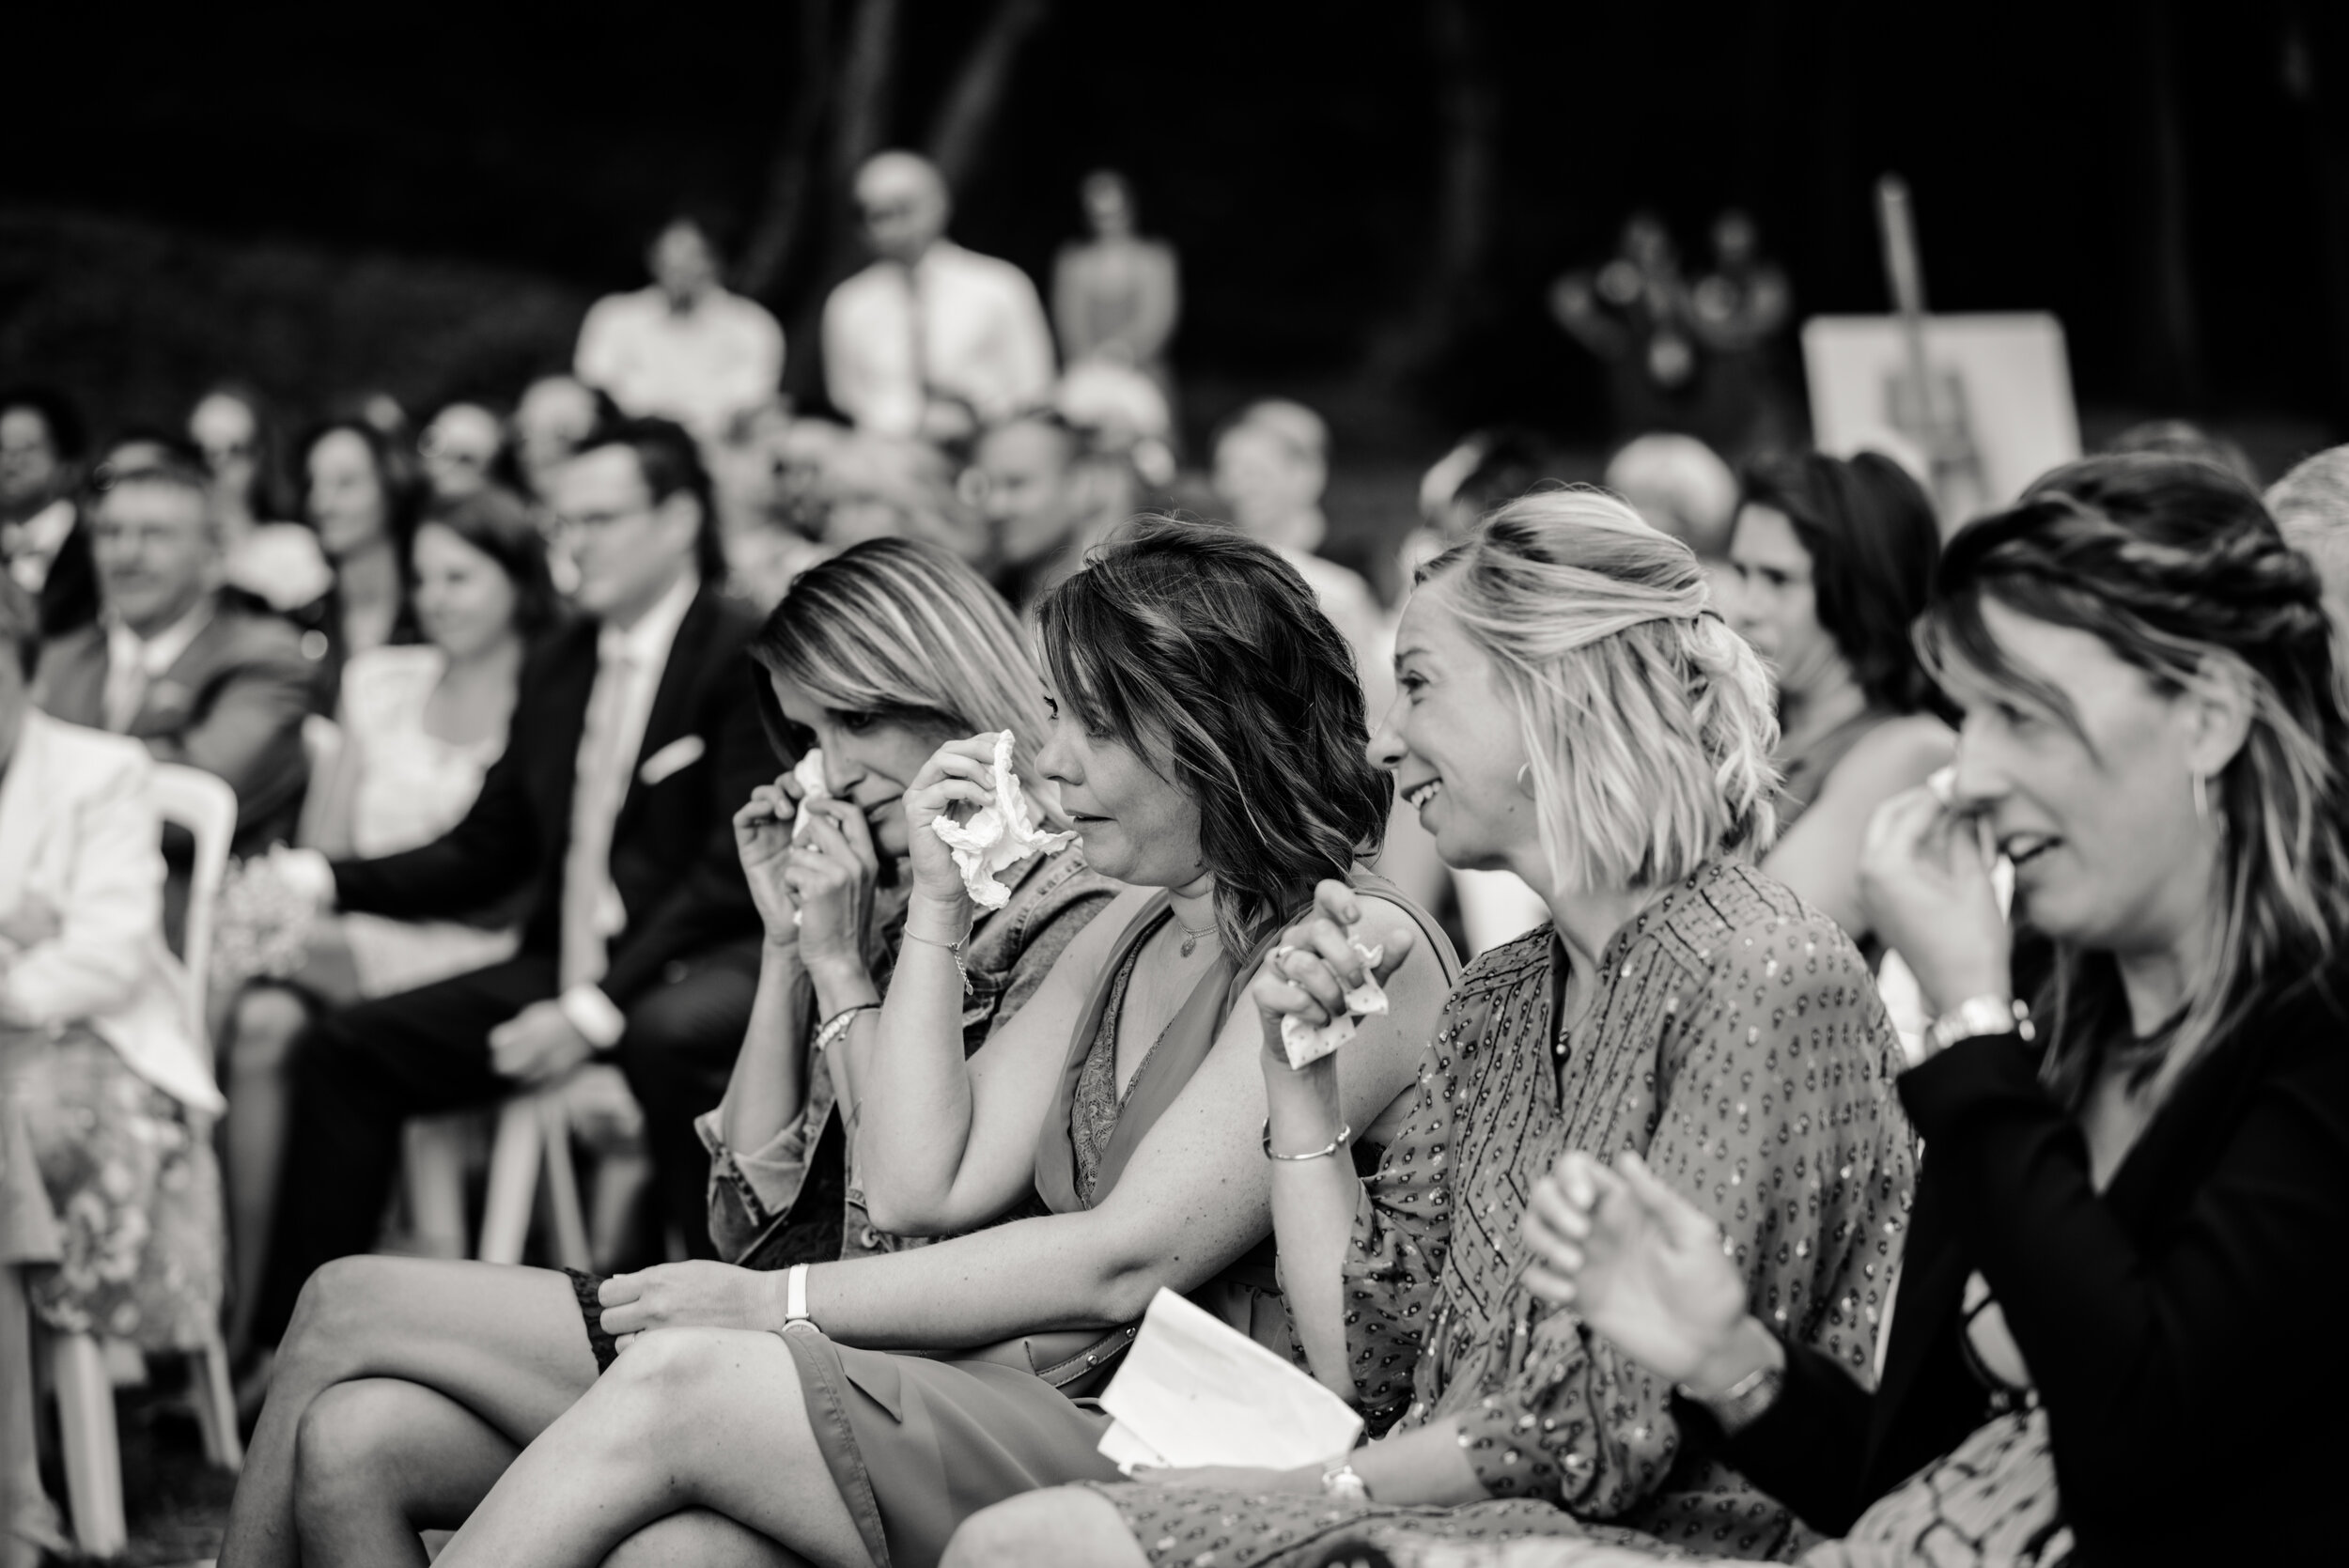 Léa-Fery-photographe-professionnel-Bretagne-portrait-creation-mariage-evenement-evenementiel-famille-2325.jpg